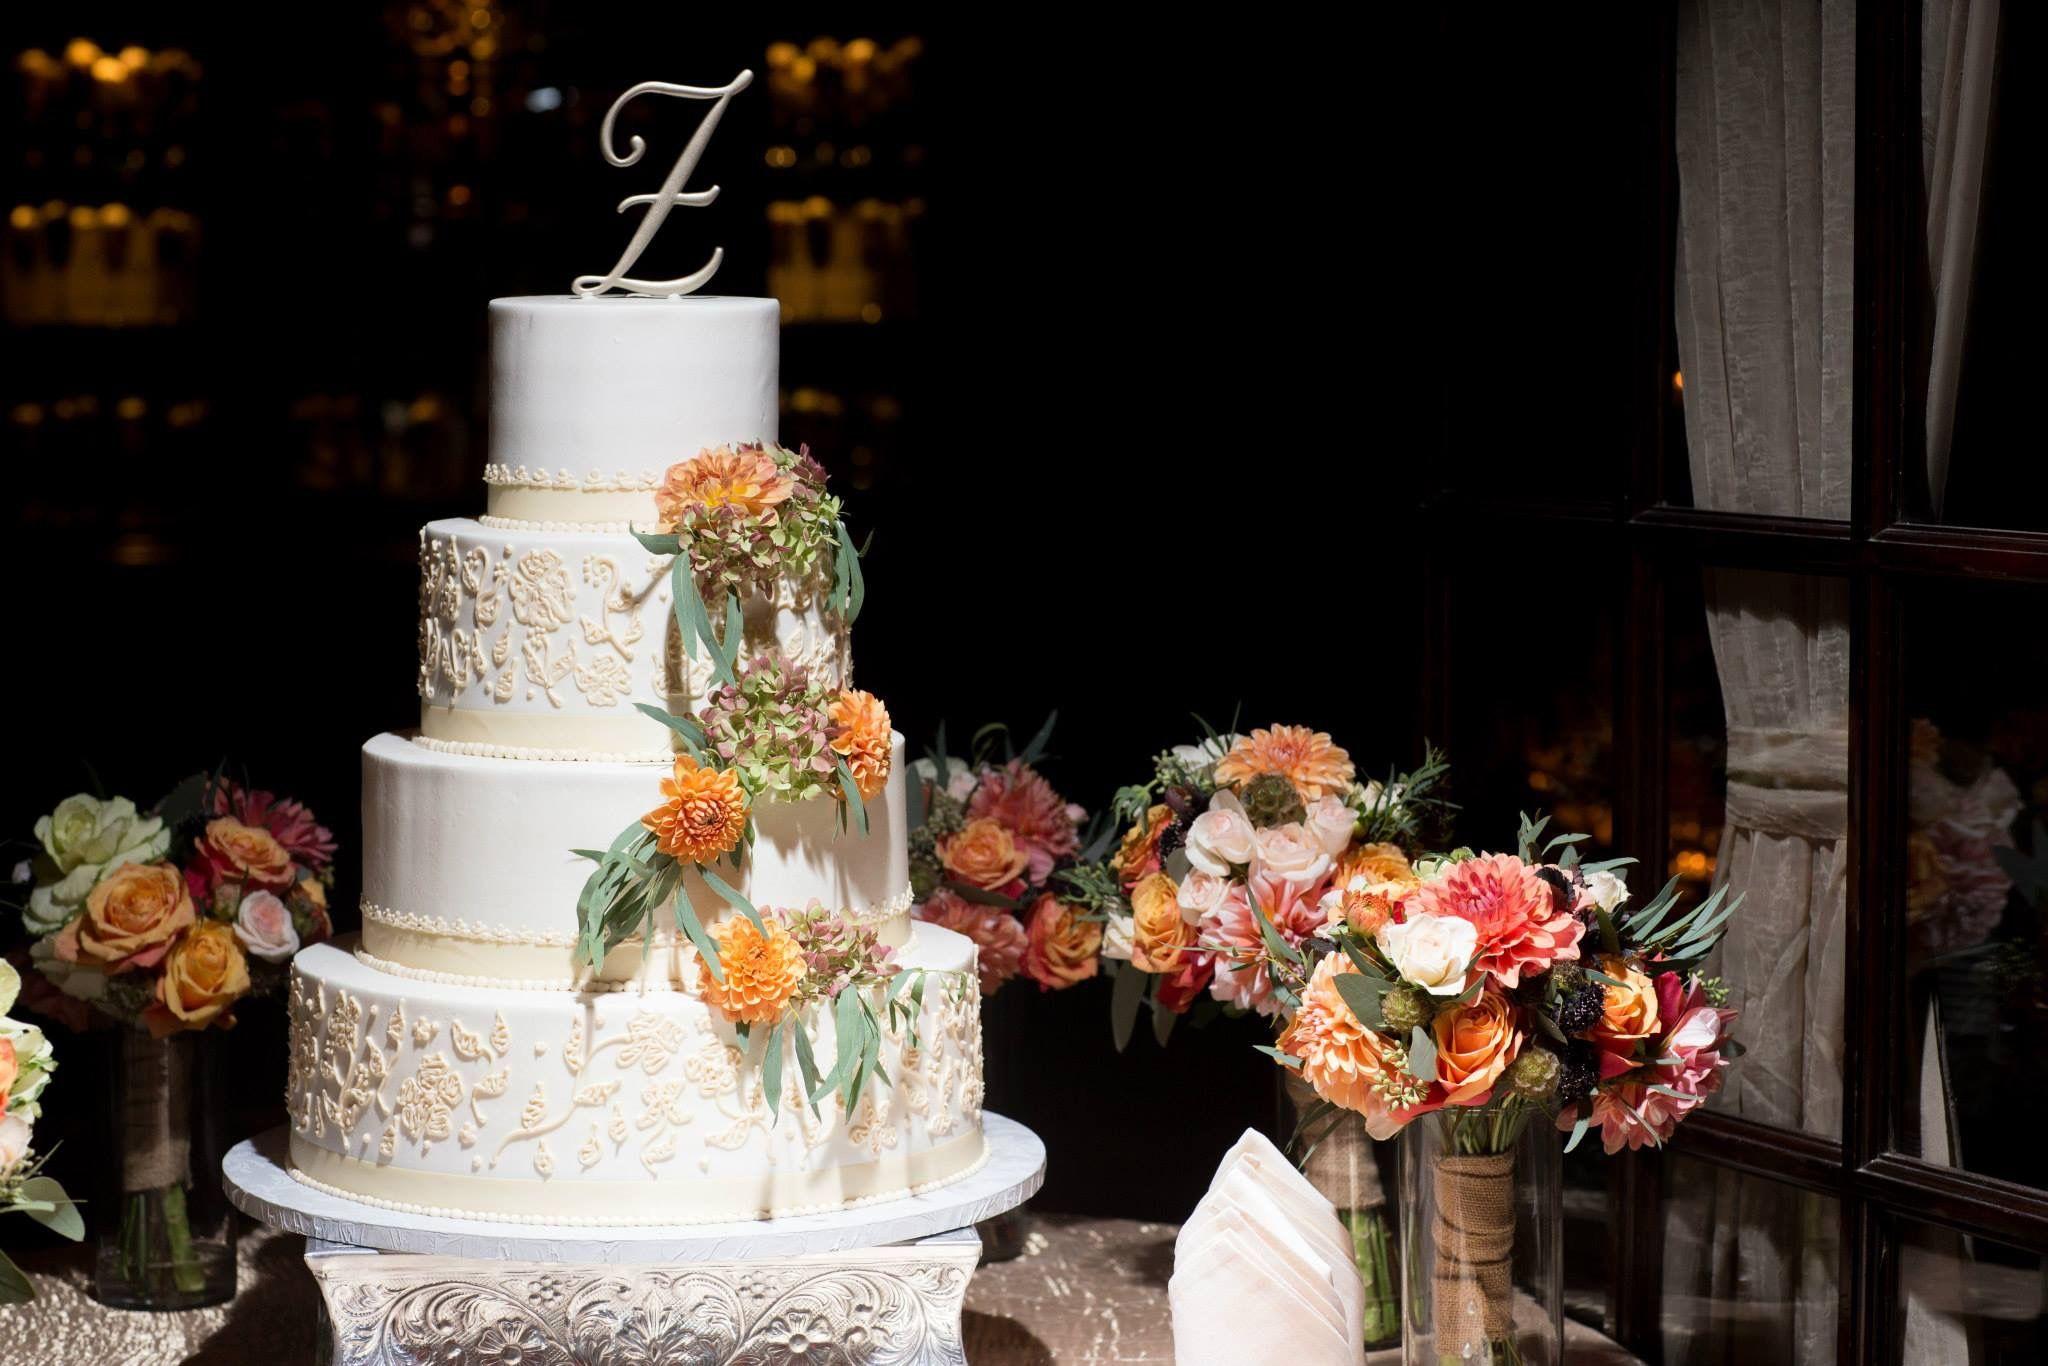 #weddingcake #rusticweddingcake #wedding #cake #flowers